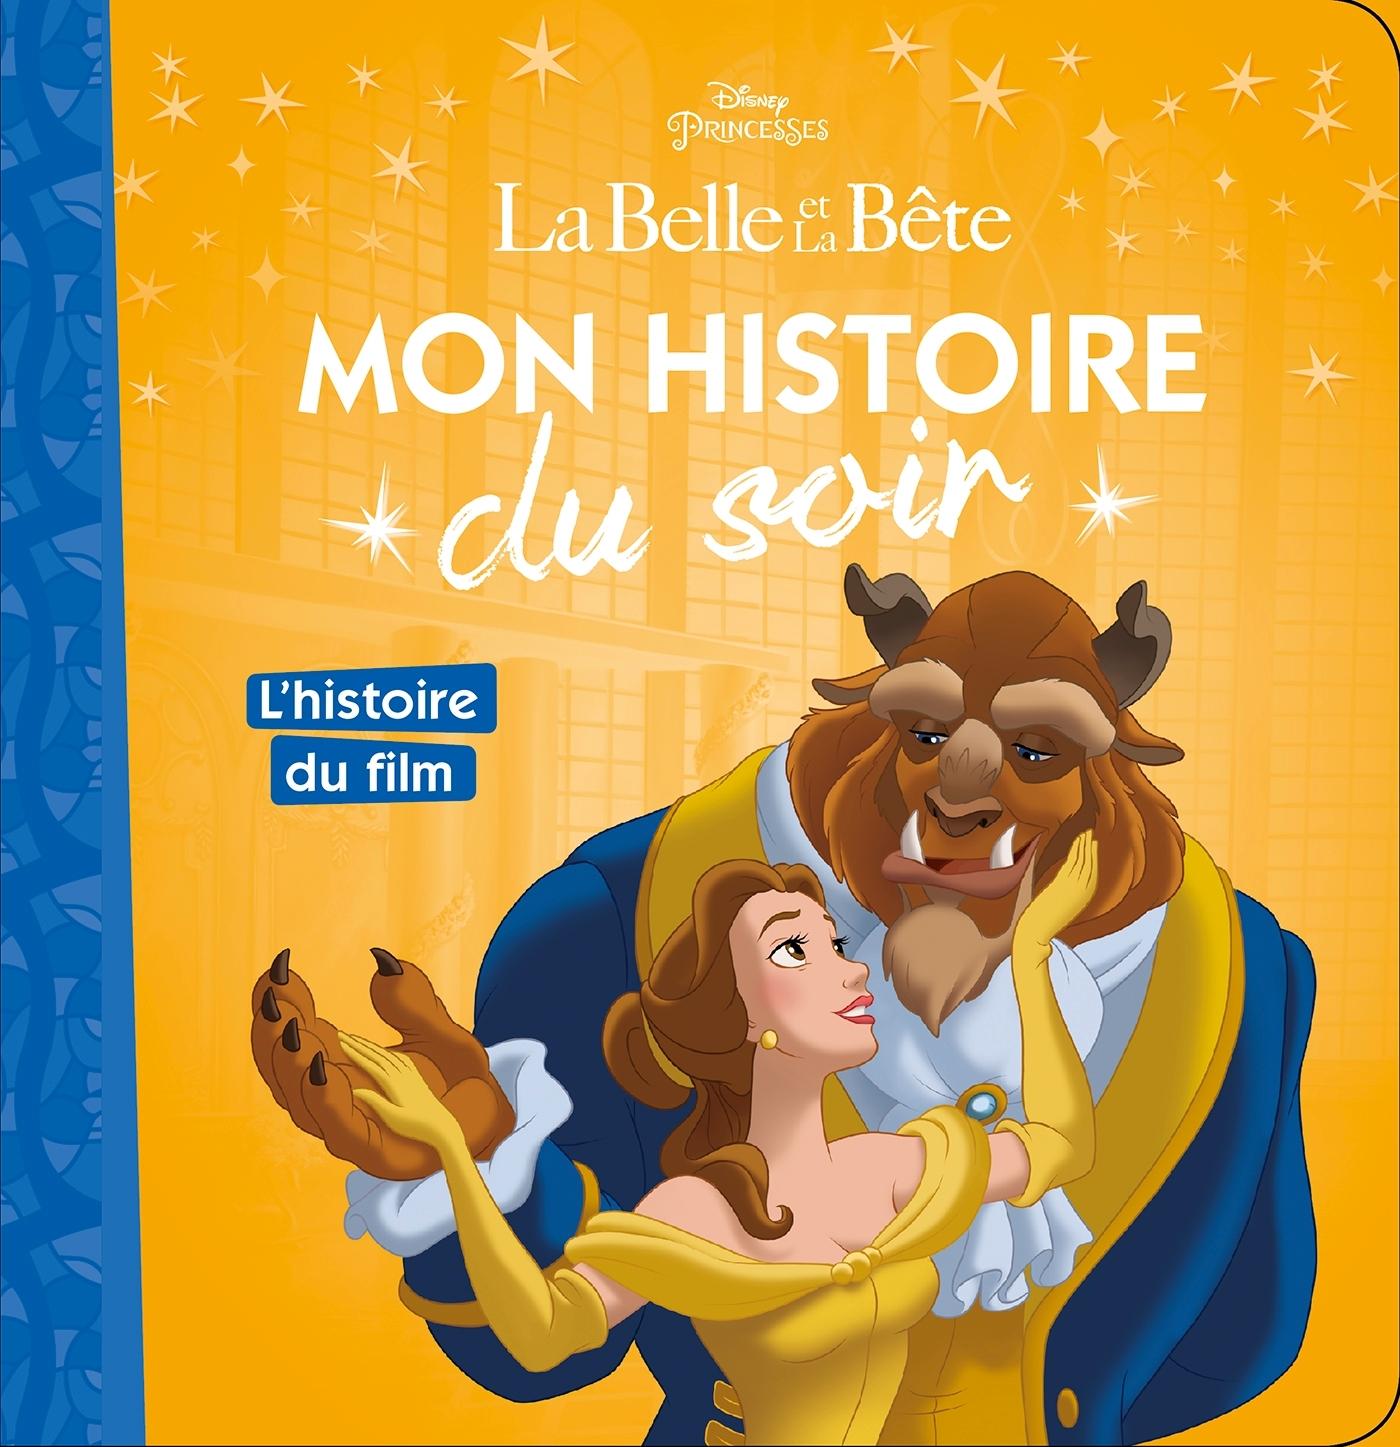 LA BELLE ET LA BETE - MON HISTOIRE DU SOIR - L'HISTOIRE DU FILM - DISNEY PRINCESSES